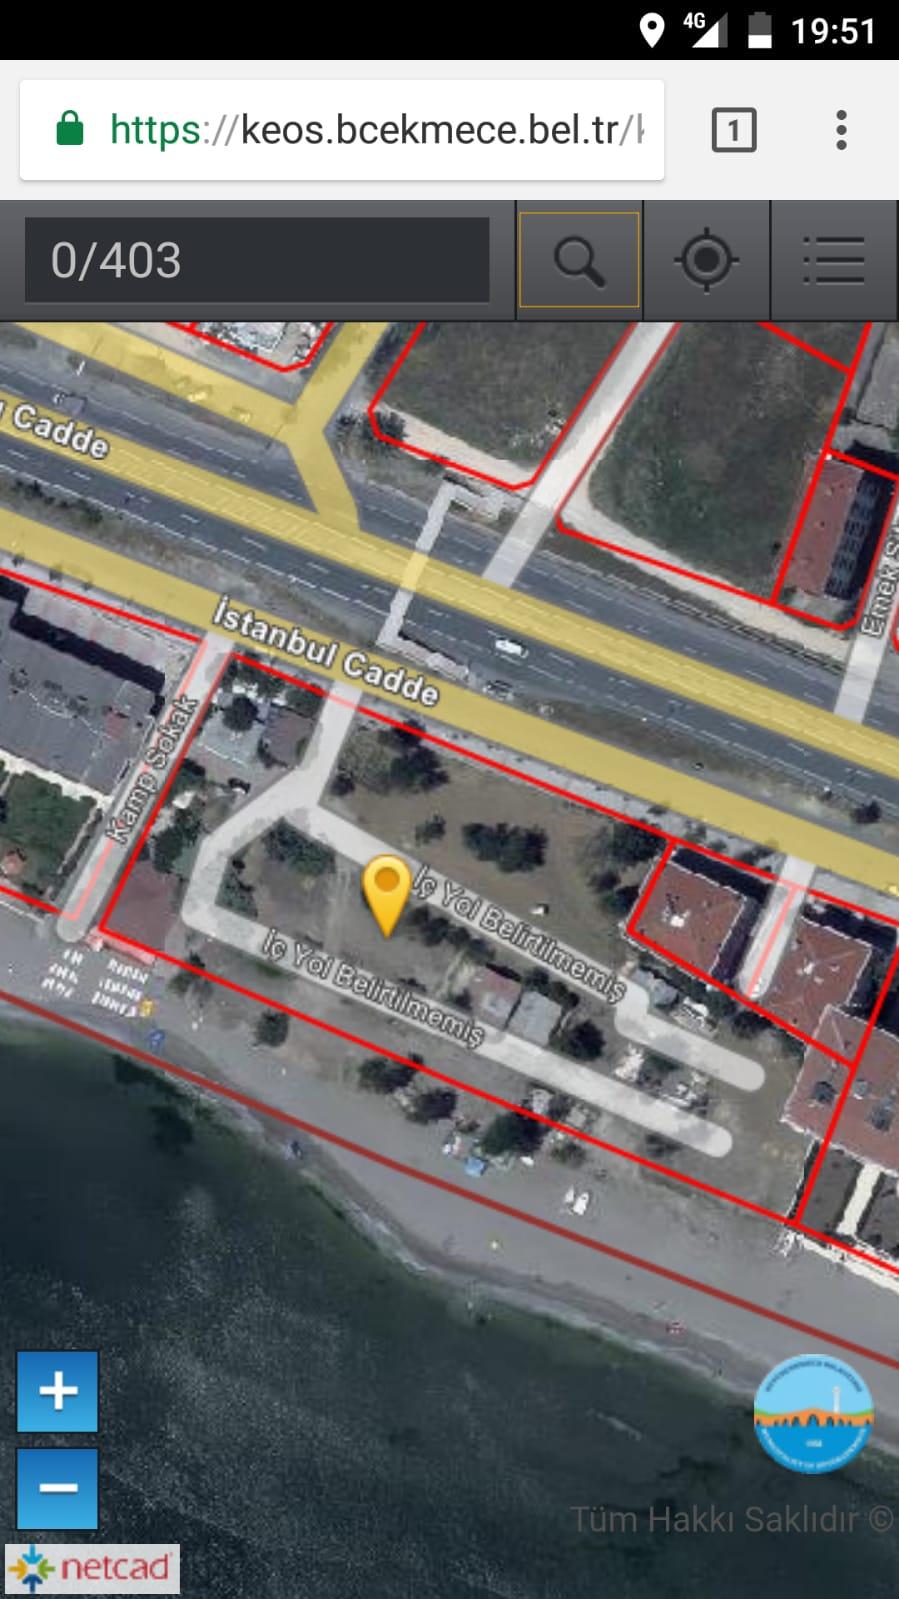 ارض للبيع في اسطنبول بيوك شكمجة عالبحر مباشر